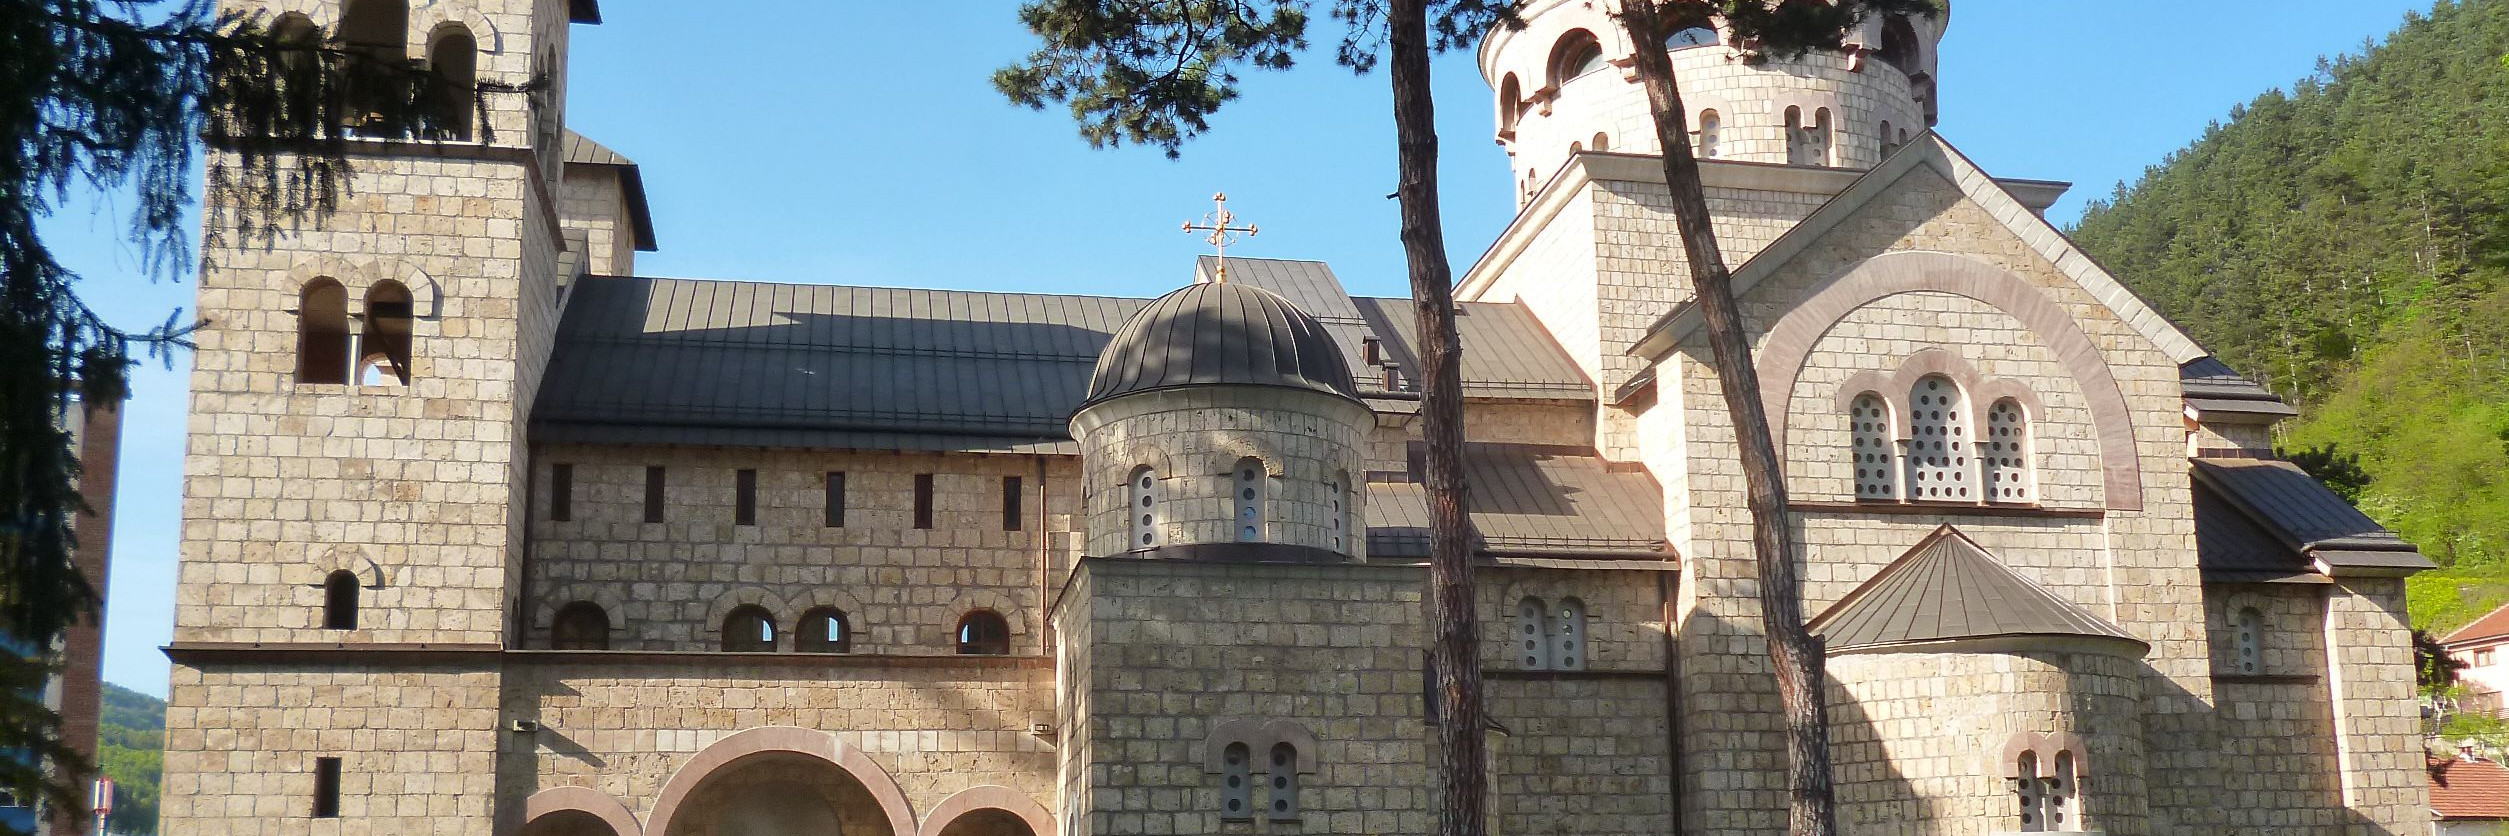 Церковь св. Саввы в Фоче